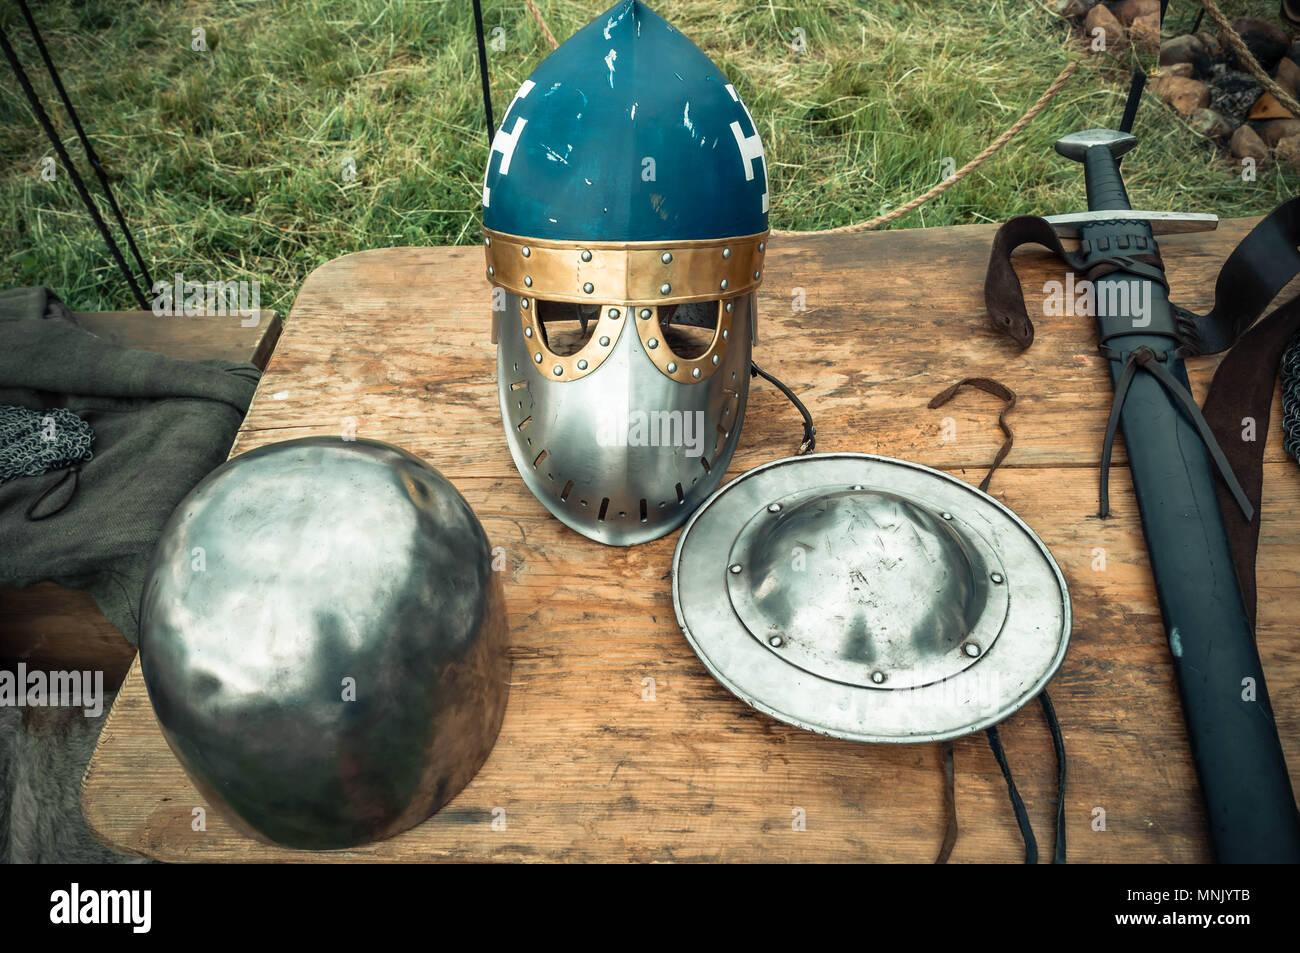 Mittelalterliche Szene. Mittelalterliche Ritter Attribute sind Helm, Kettenhemd, Schild Schild, Schwert, Hellebarde. Rekonstruktion des mittelalterlichen Lebens Stockbild